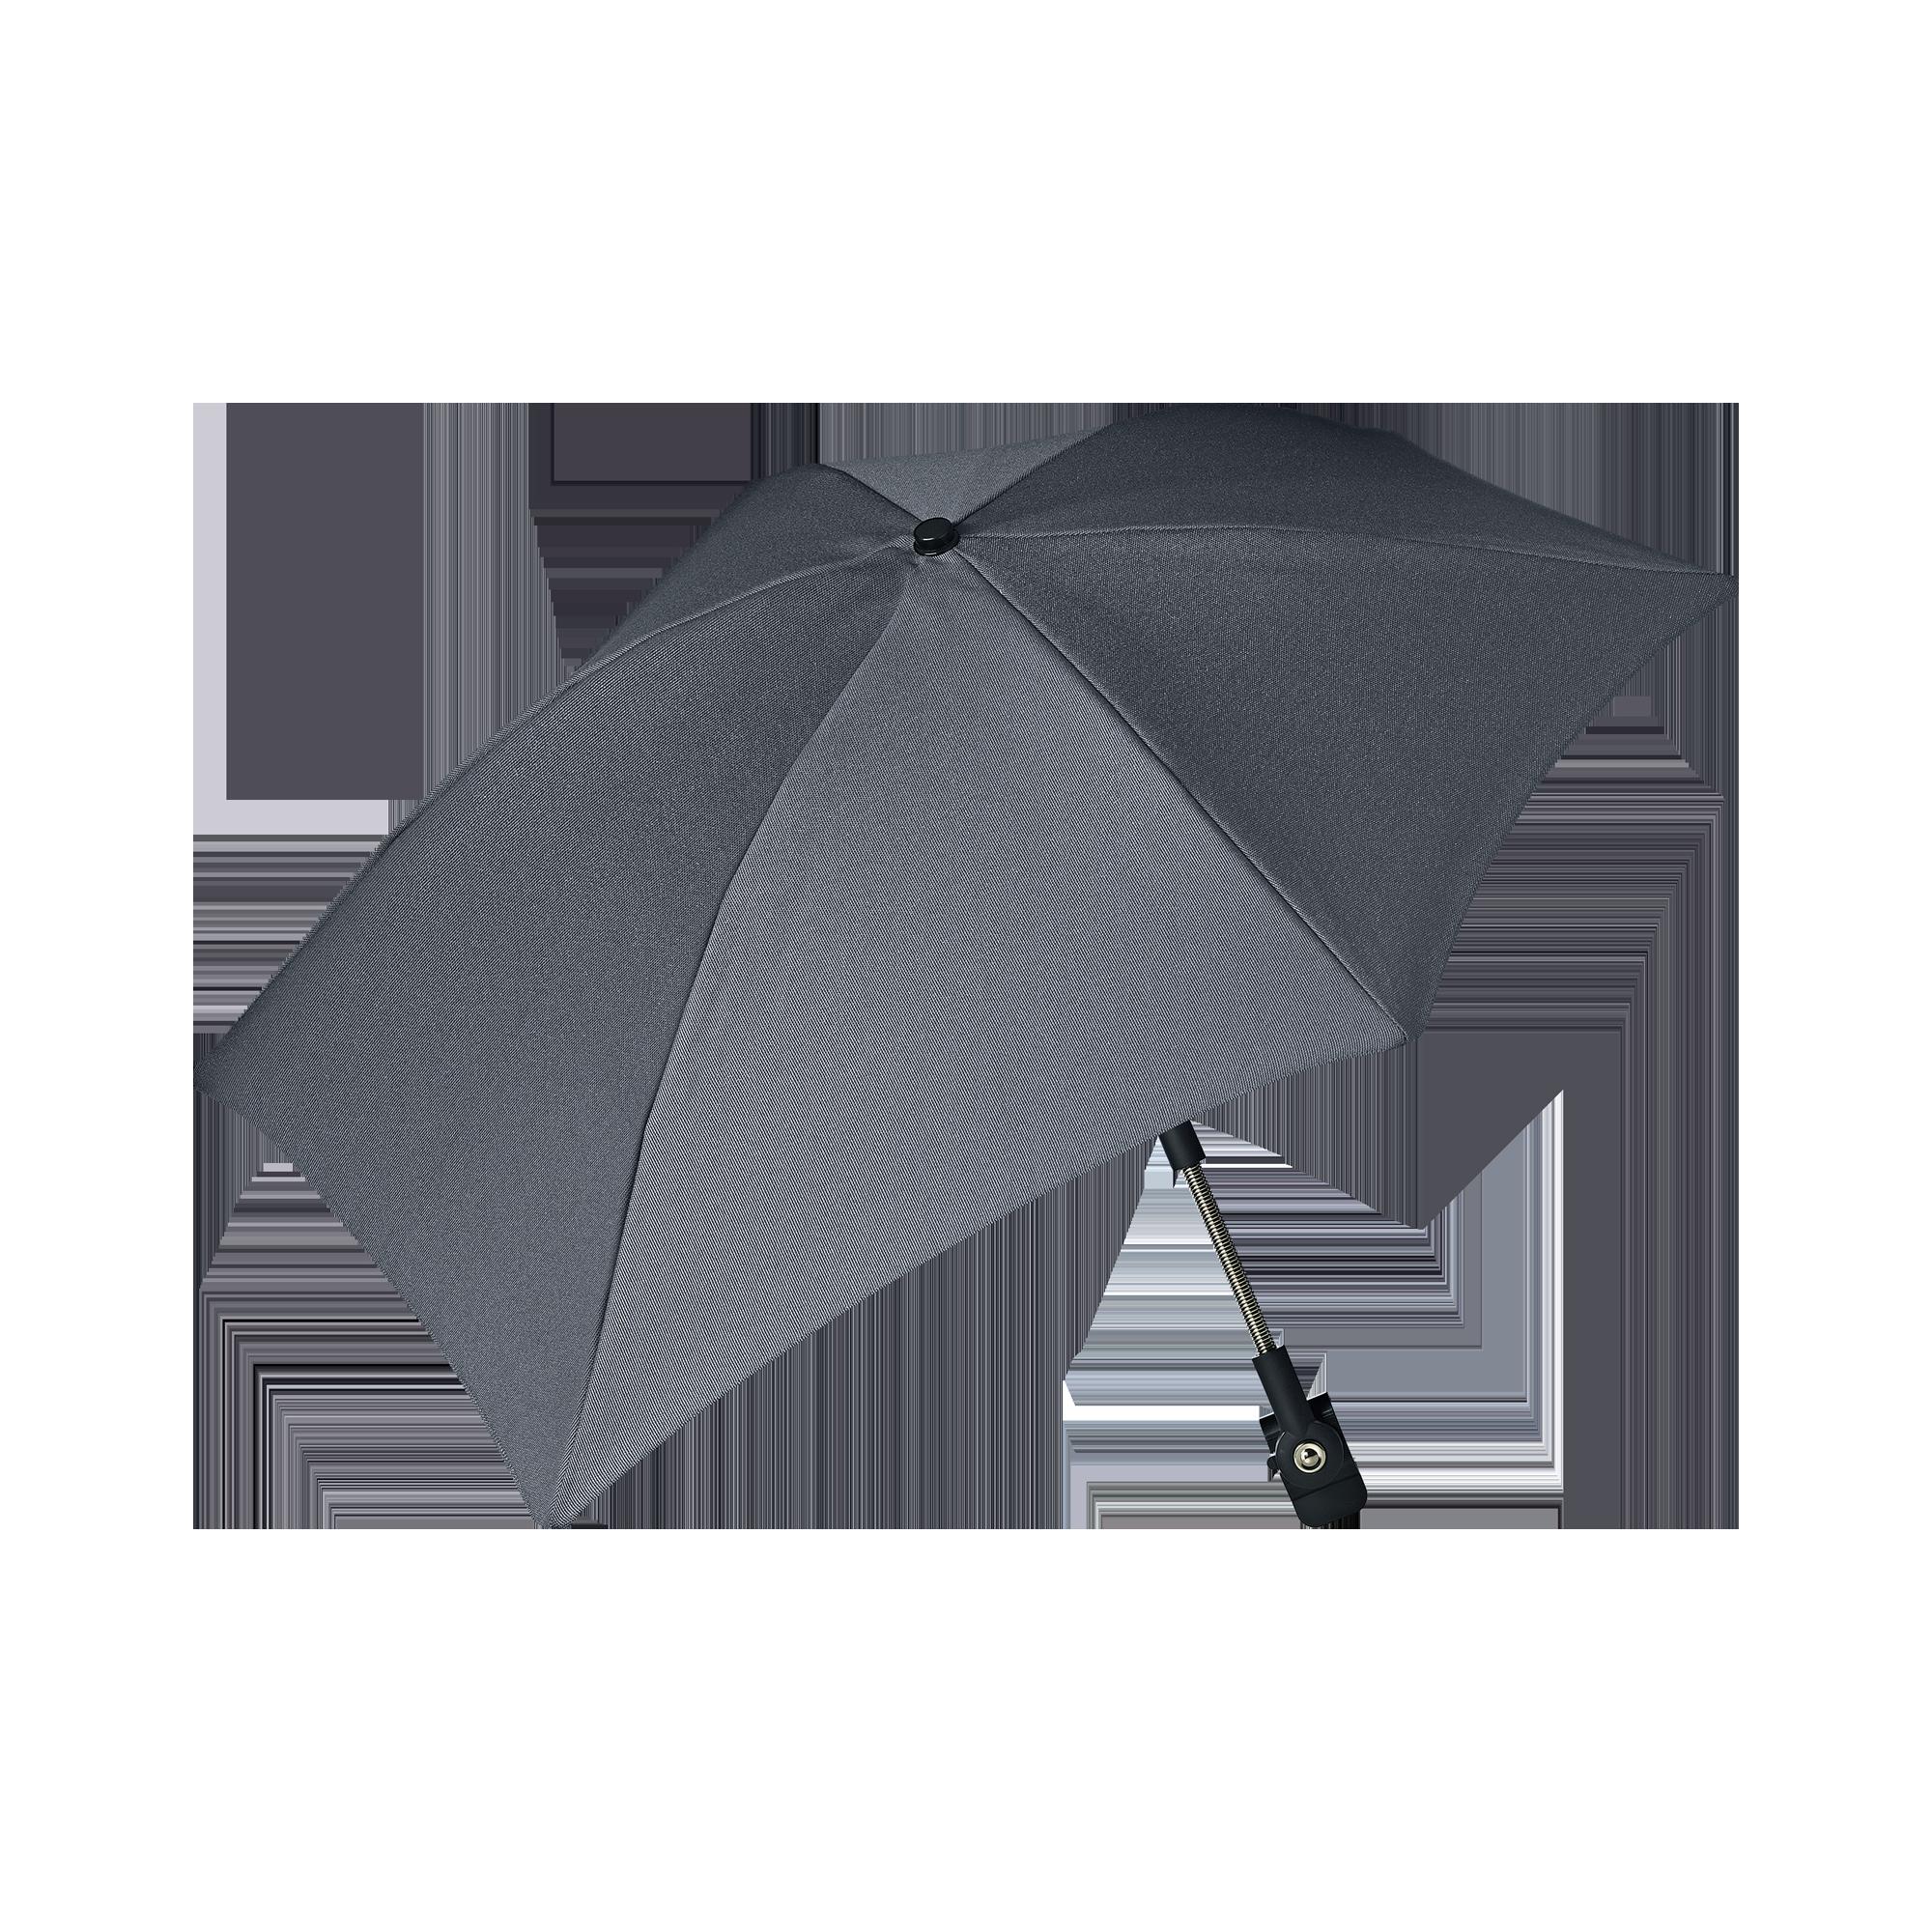 Joolz Joolz Uni Parasol gorgeous grey